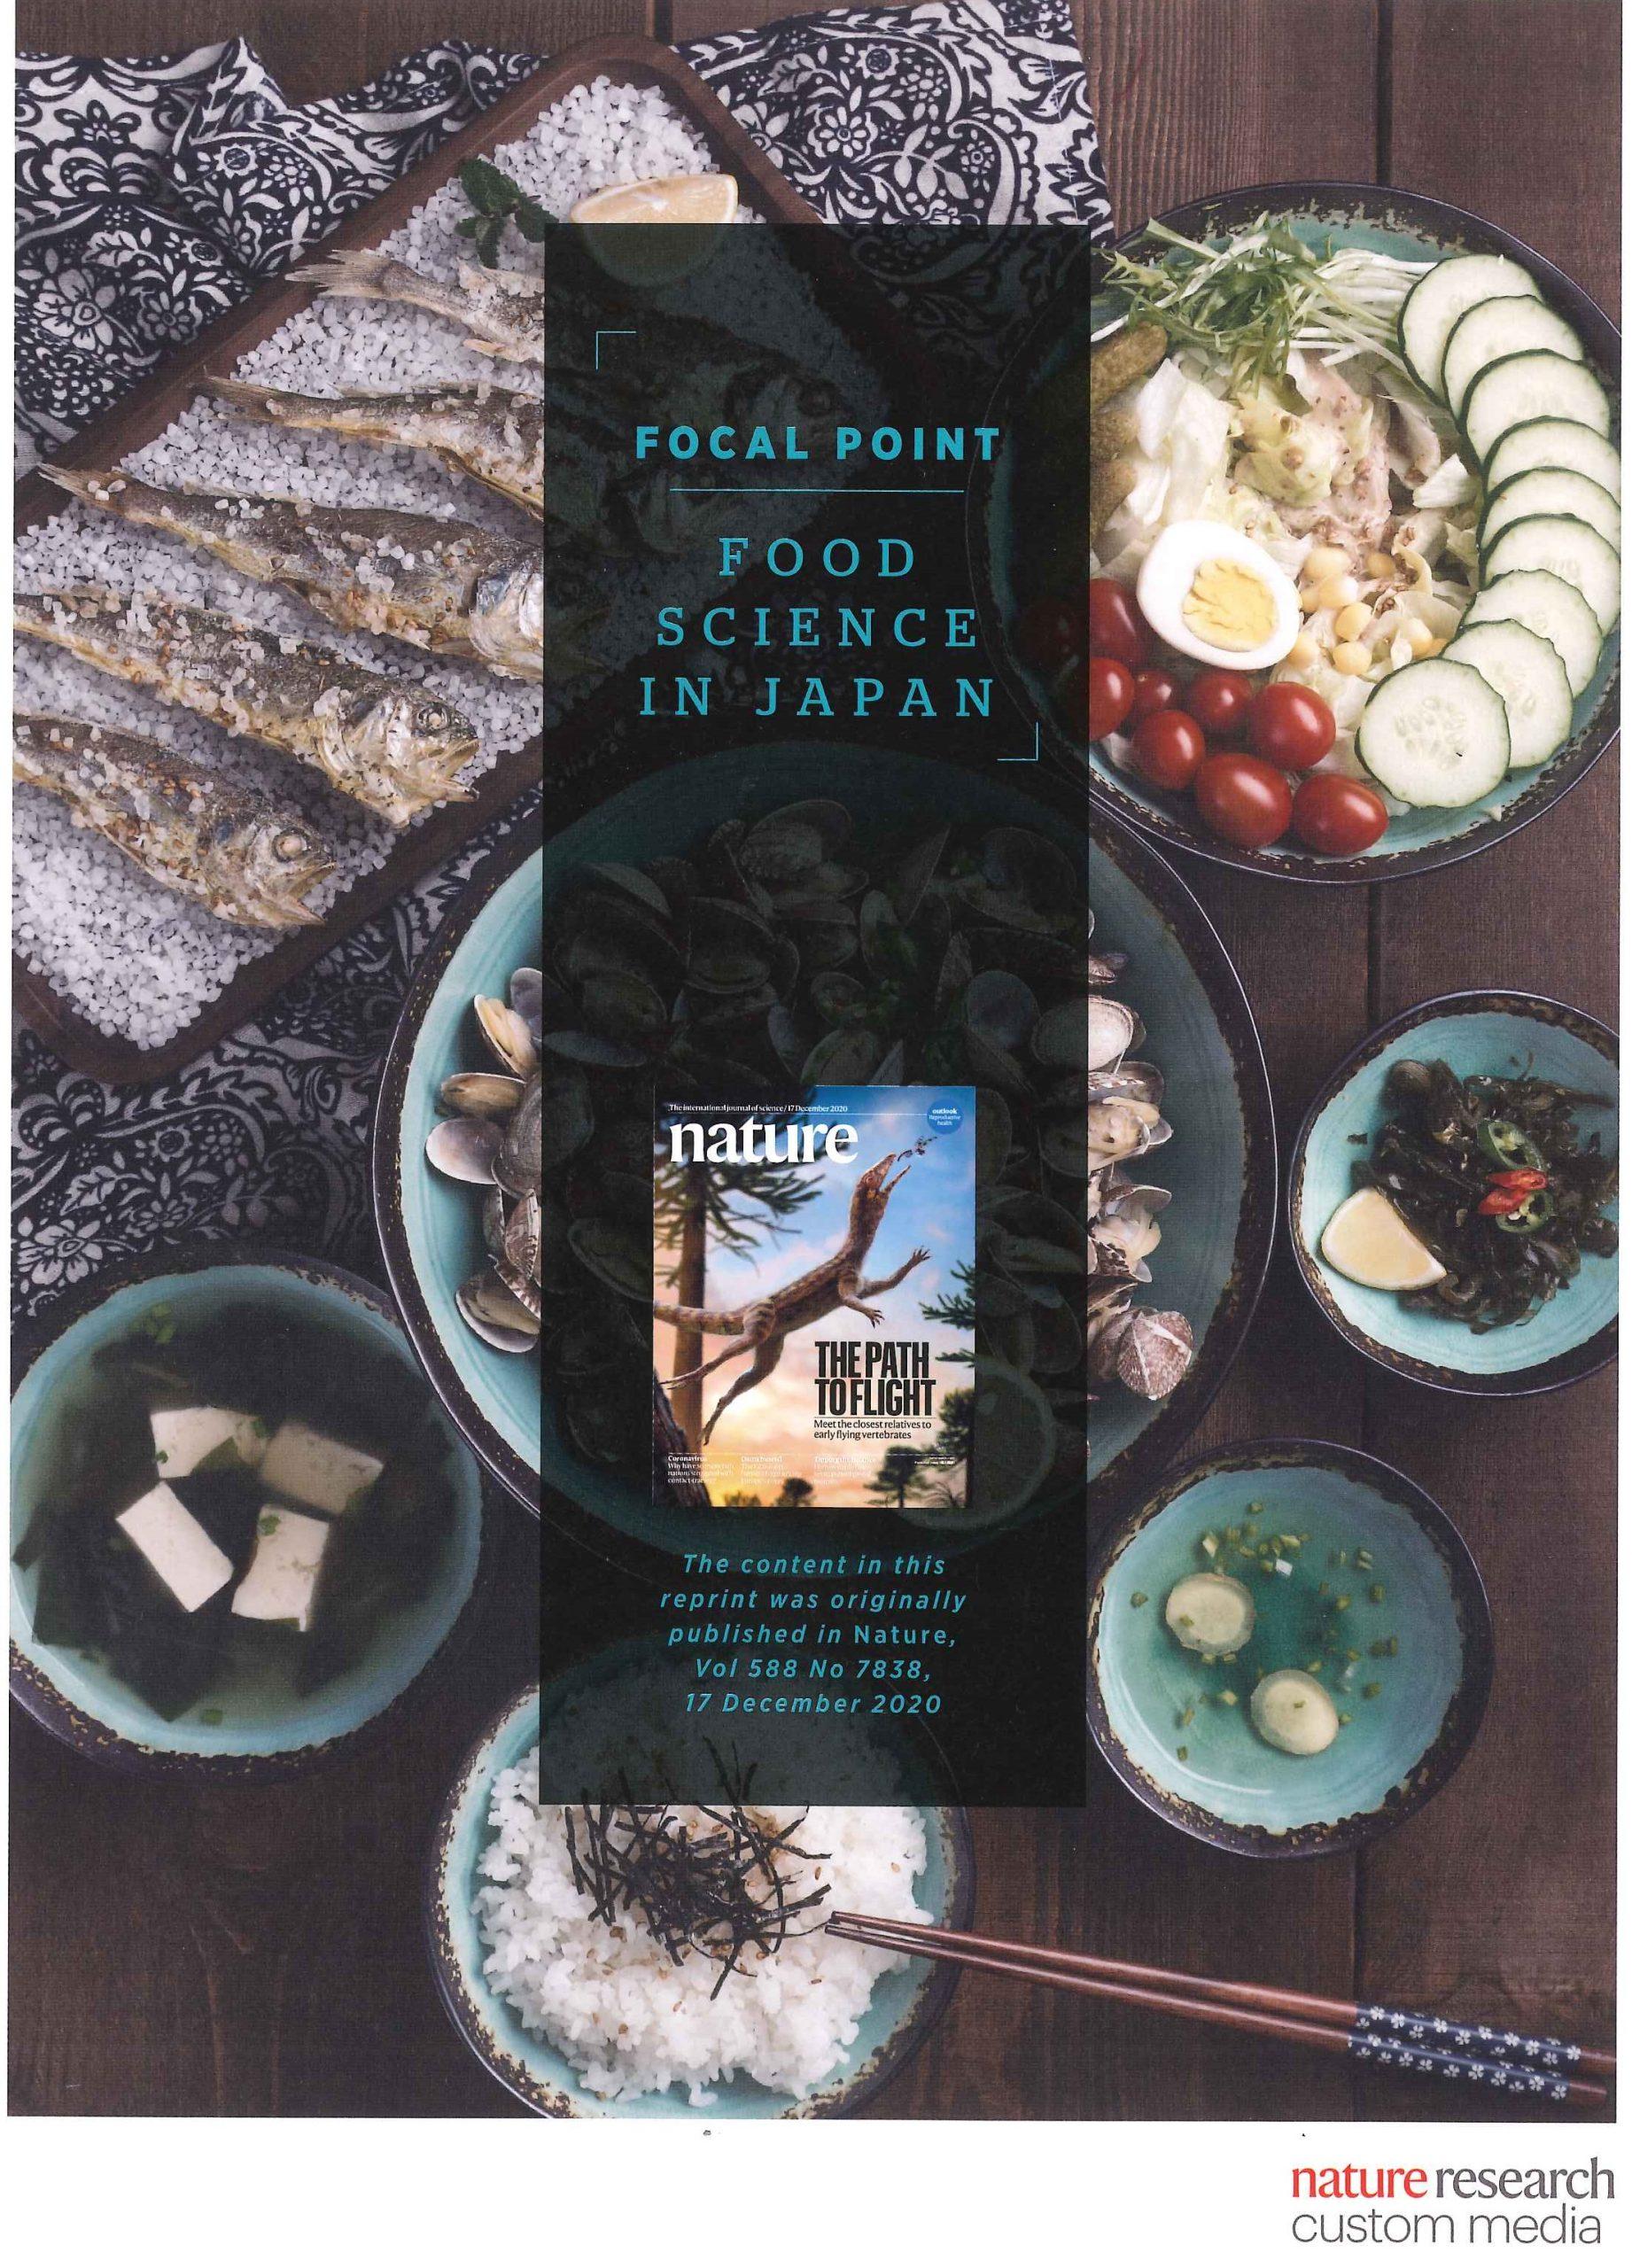 日本料理と食の未来 海外の学術誌「Nature」にて